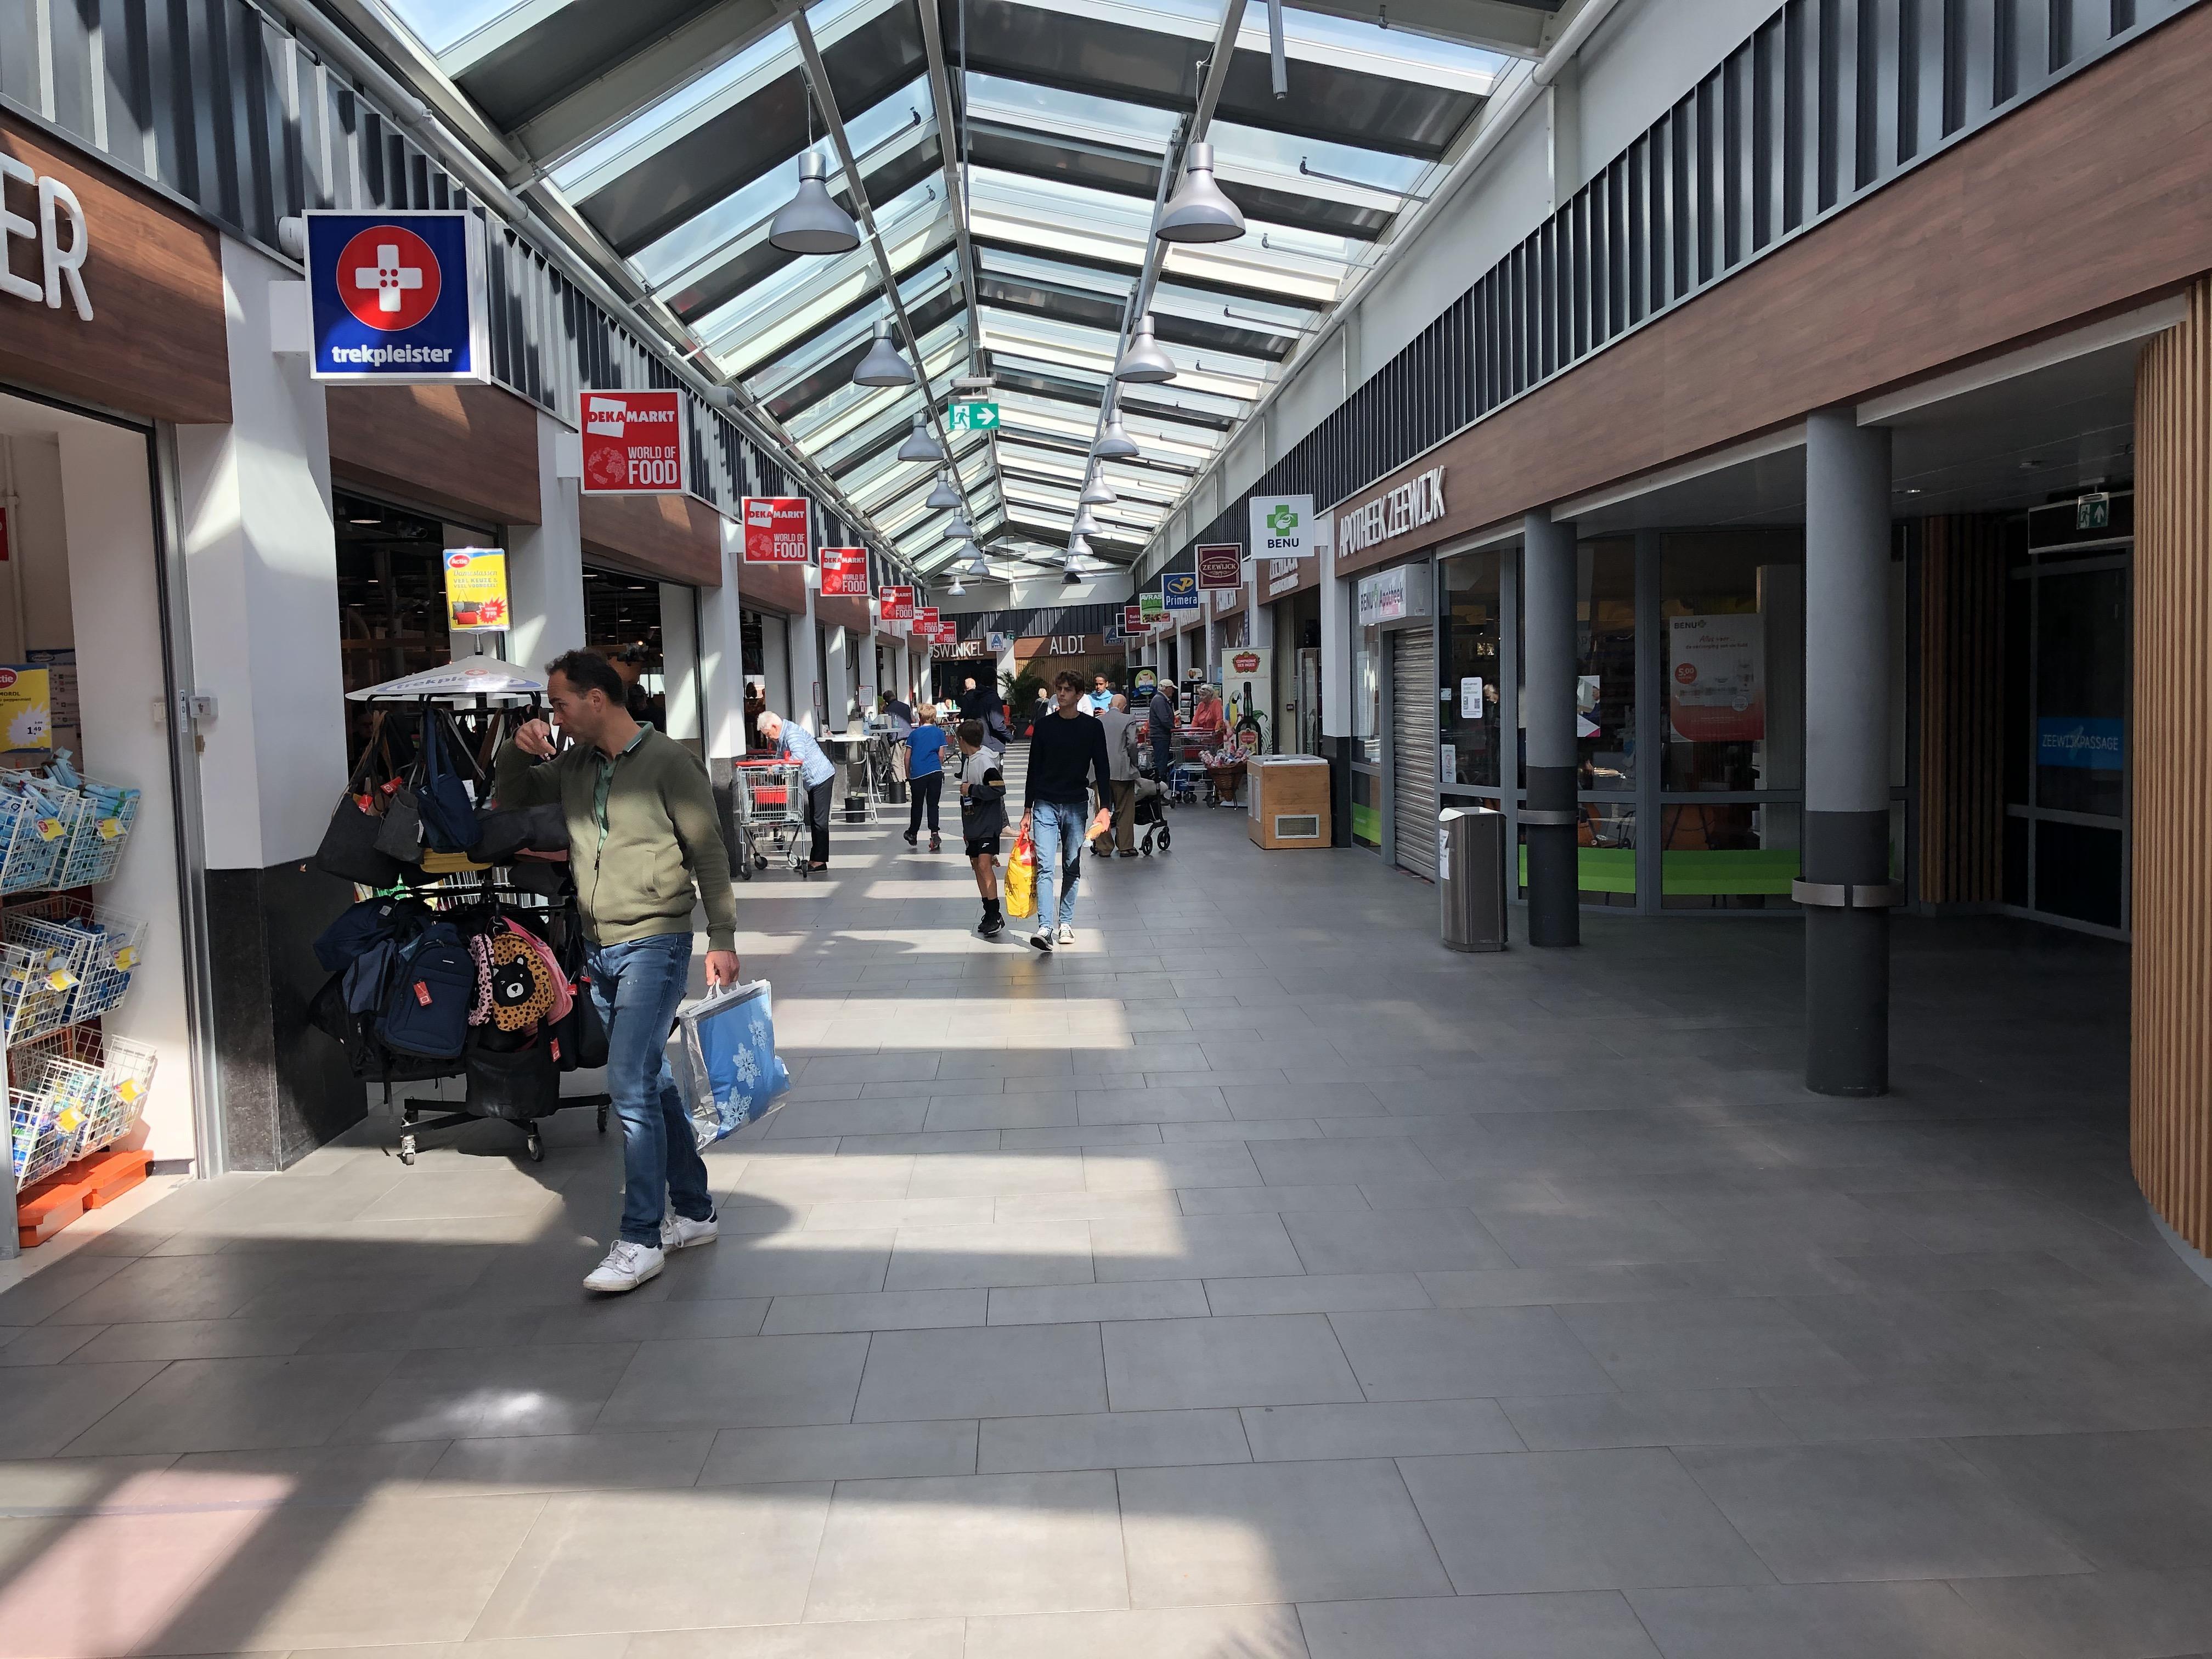 Winkeliers niet blij met corona-kritiek van Velsense burgemeester Dales: 'Wij doen er alles aan, maar sommige mensen zijn er gewoon niet meer mee bezig. Wij krijgen de kritiek en de boetes'